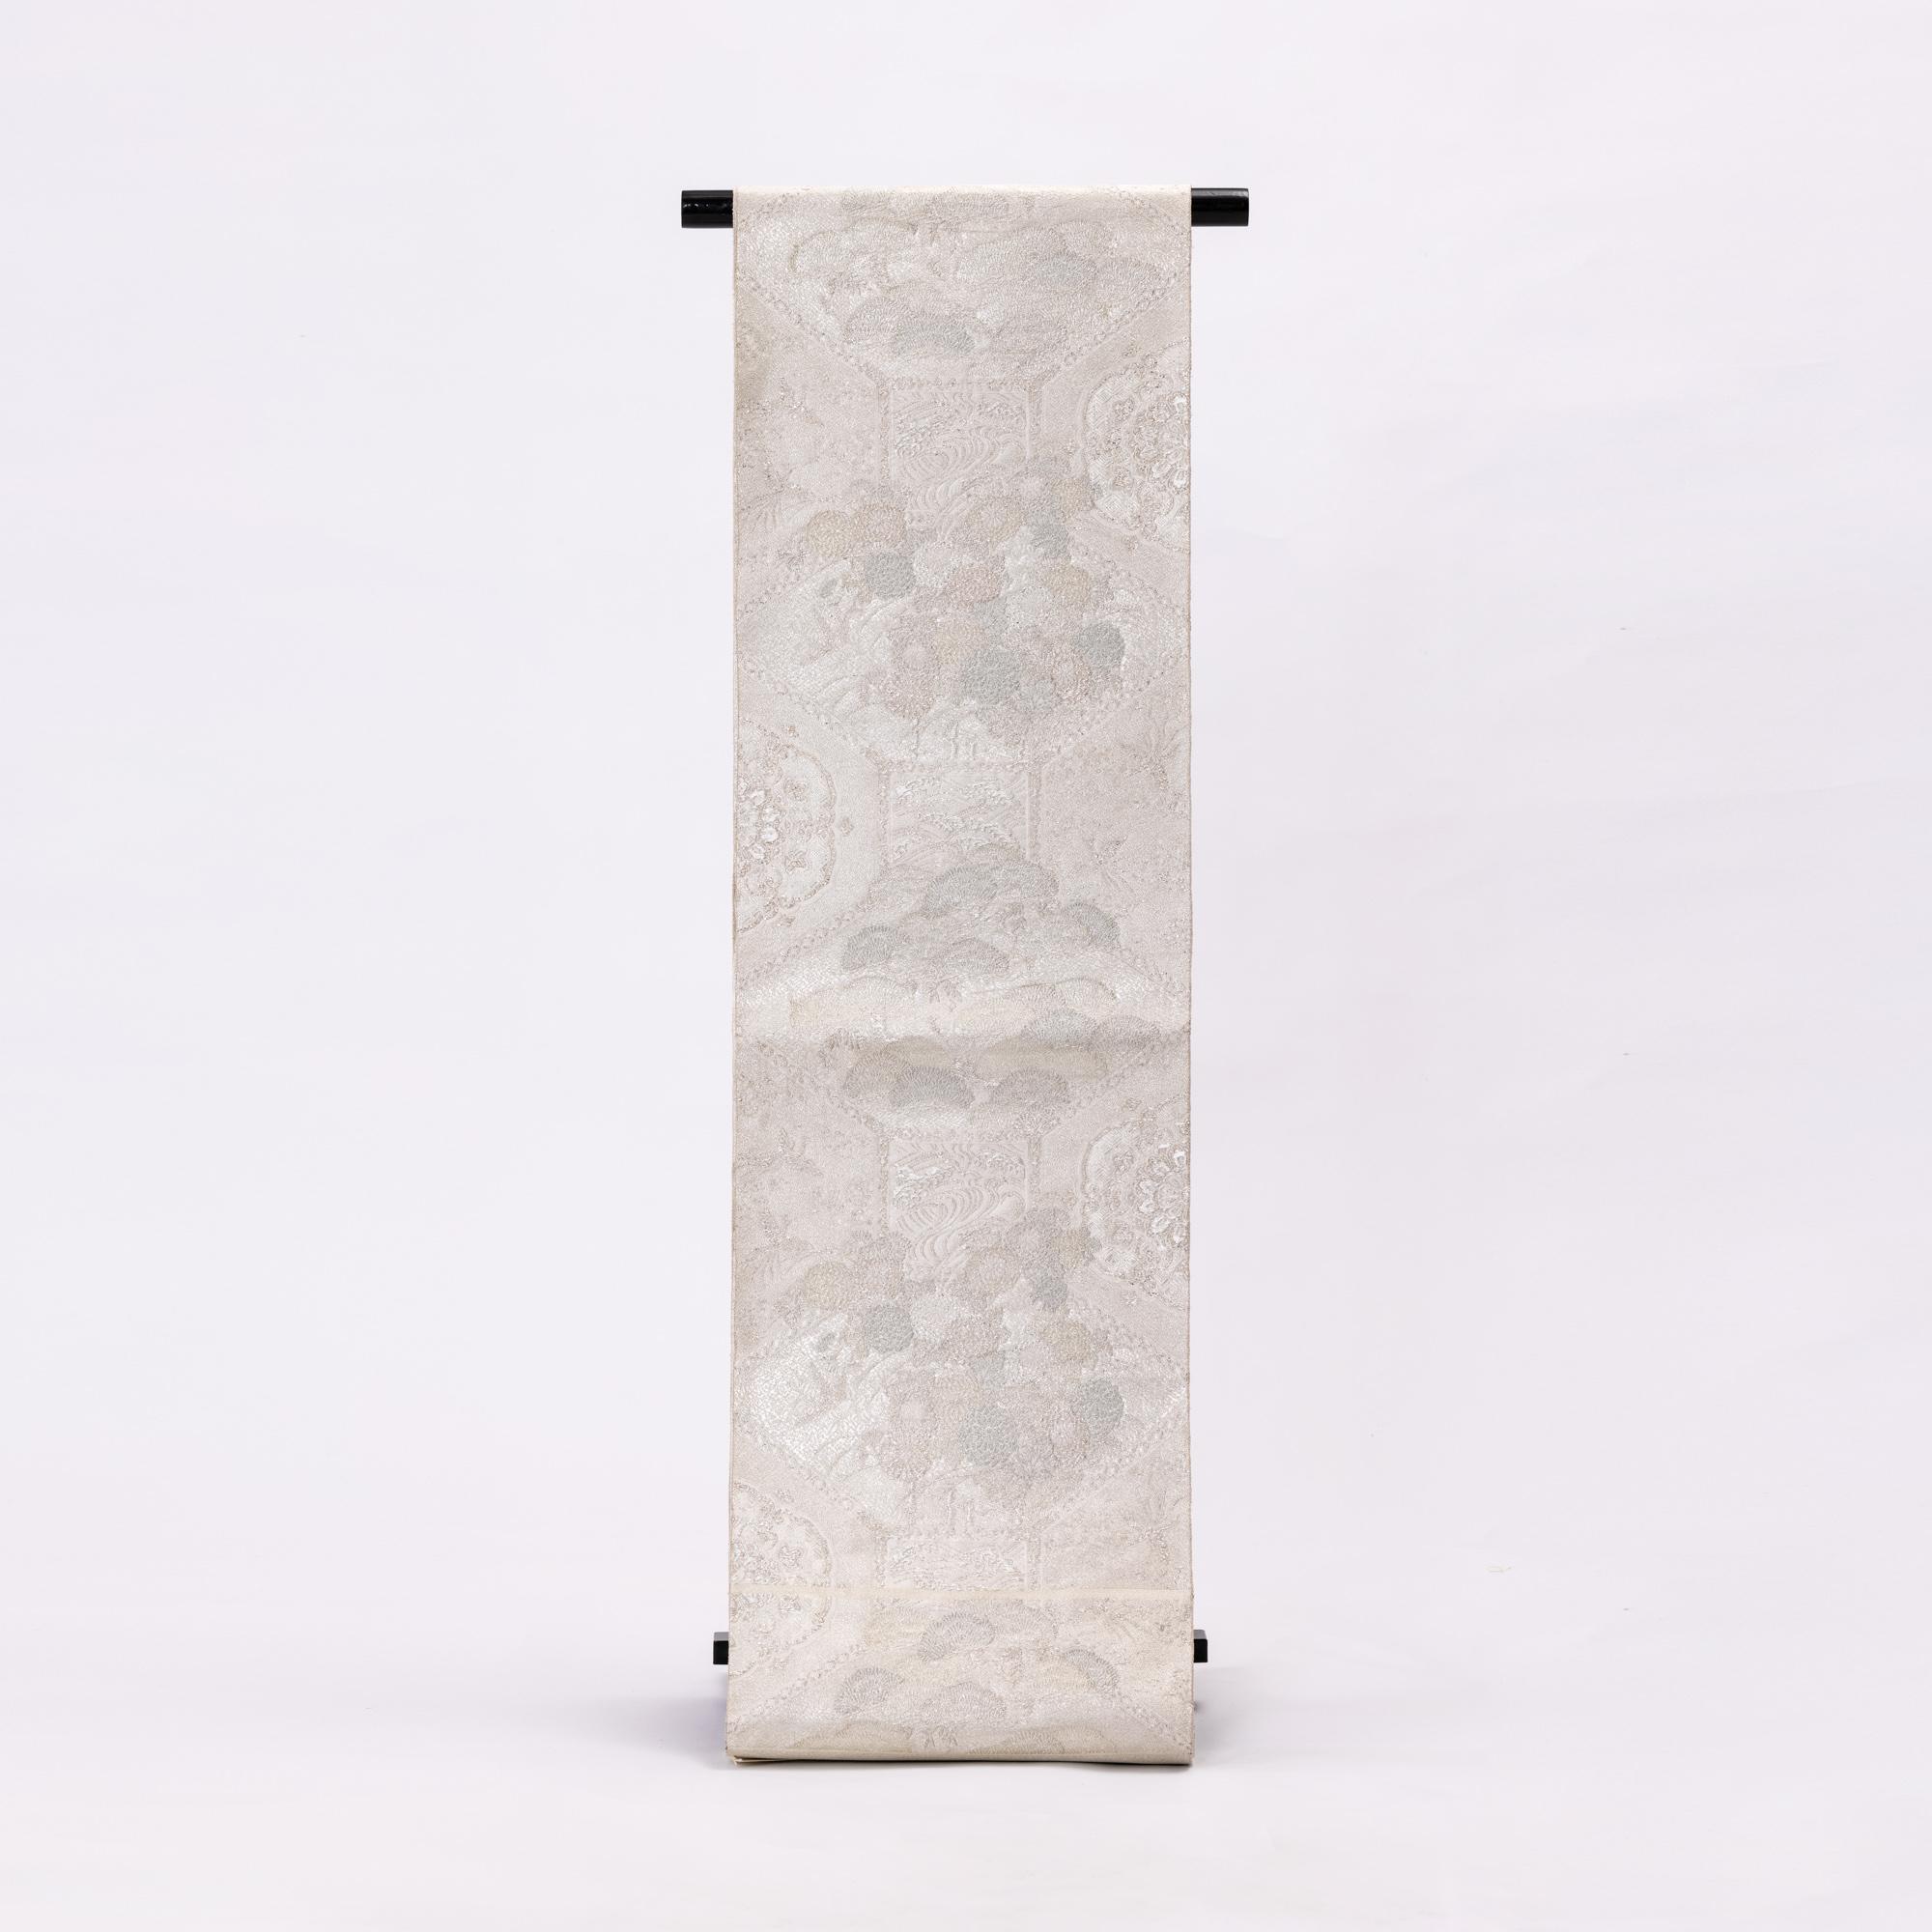 京都西陣【川上織物】手織佐賀錦袋帯「蒔絵松菊文」サビ銀白色